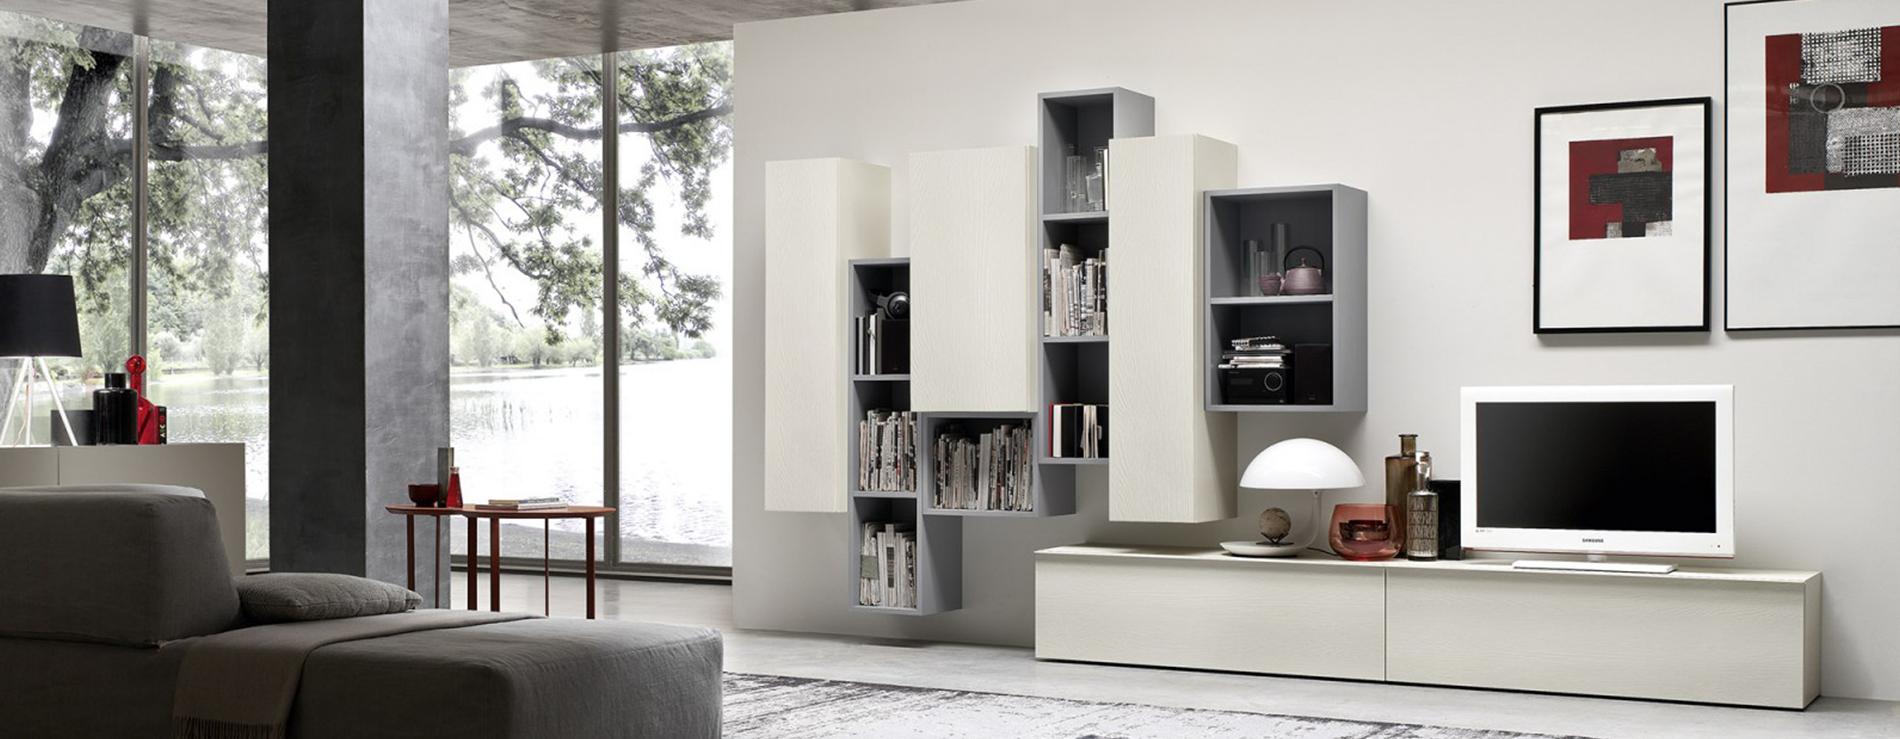 Composizione modulo 11 orme centro mobili - Centro italiano mobili ...